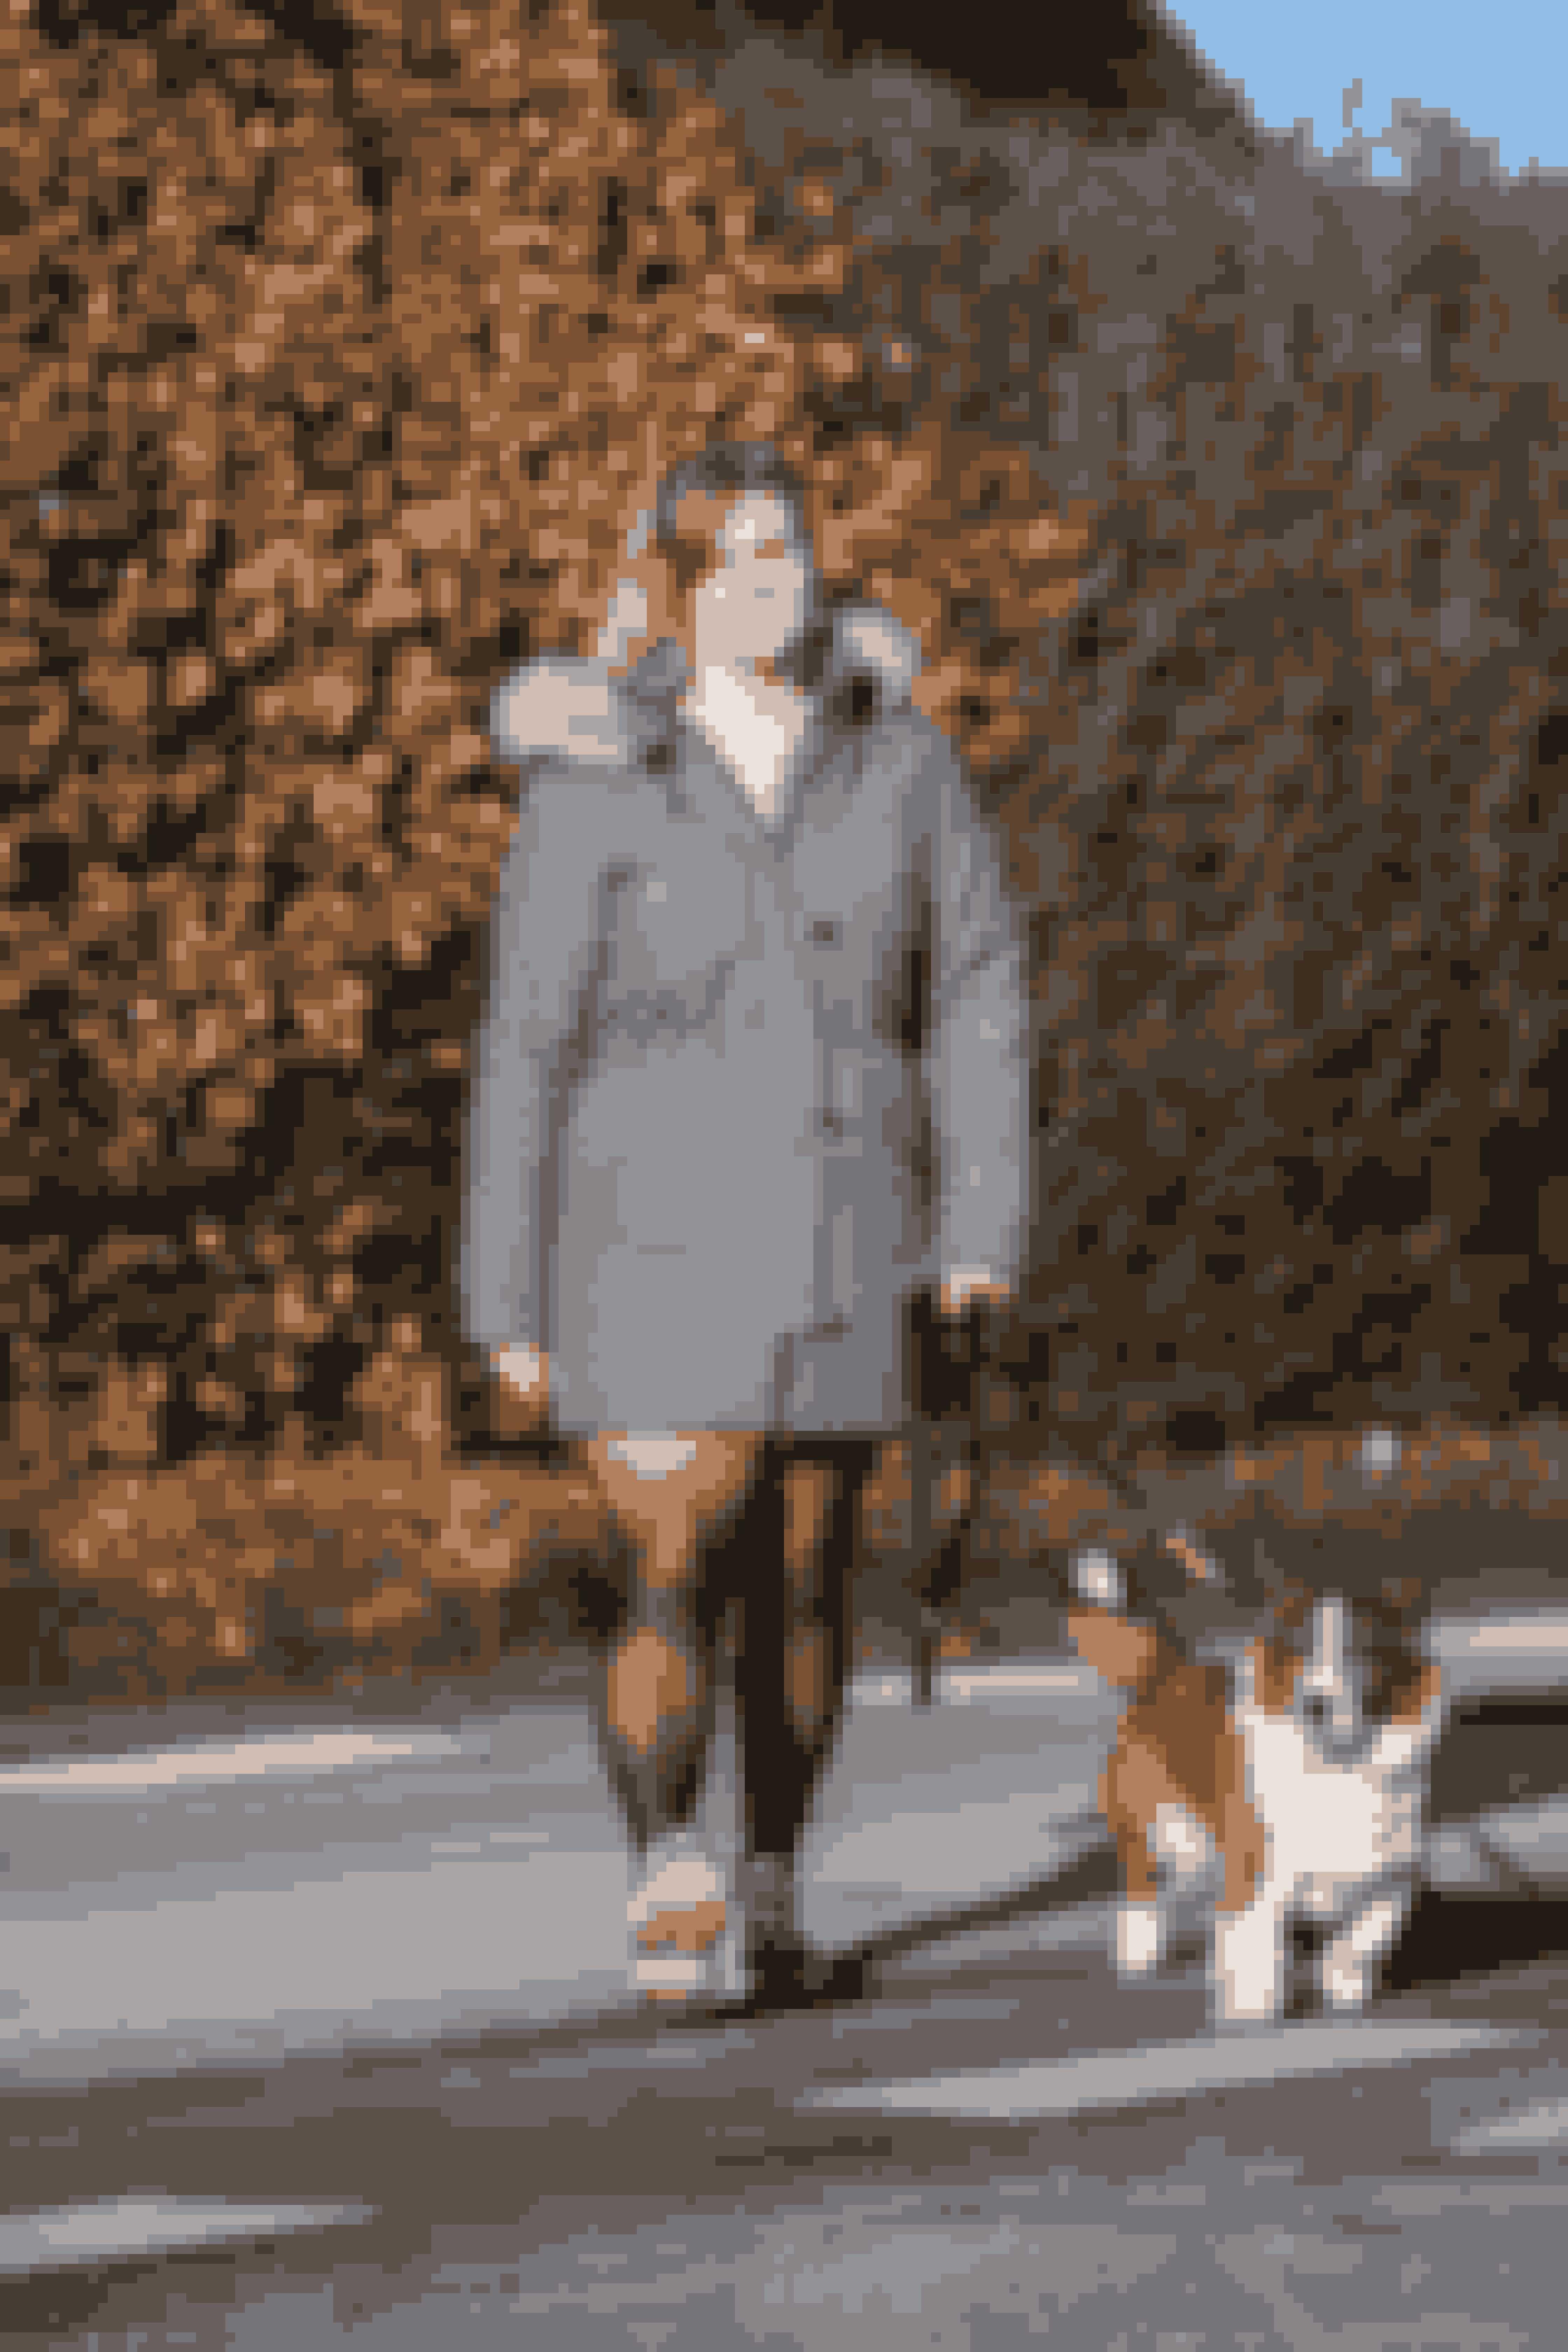 Kristines overvægt kastedei mange år dystre skygger ind over hendes liv i form af mobning, depressioner og en spise-forstyrrelse. I 2018 lagde hun sit liv om til Sense. Det gav et vægttab på 43 kilo, større livs-glæde og bedst af alt en graviditet. Foto: Gregers Overvad